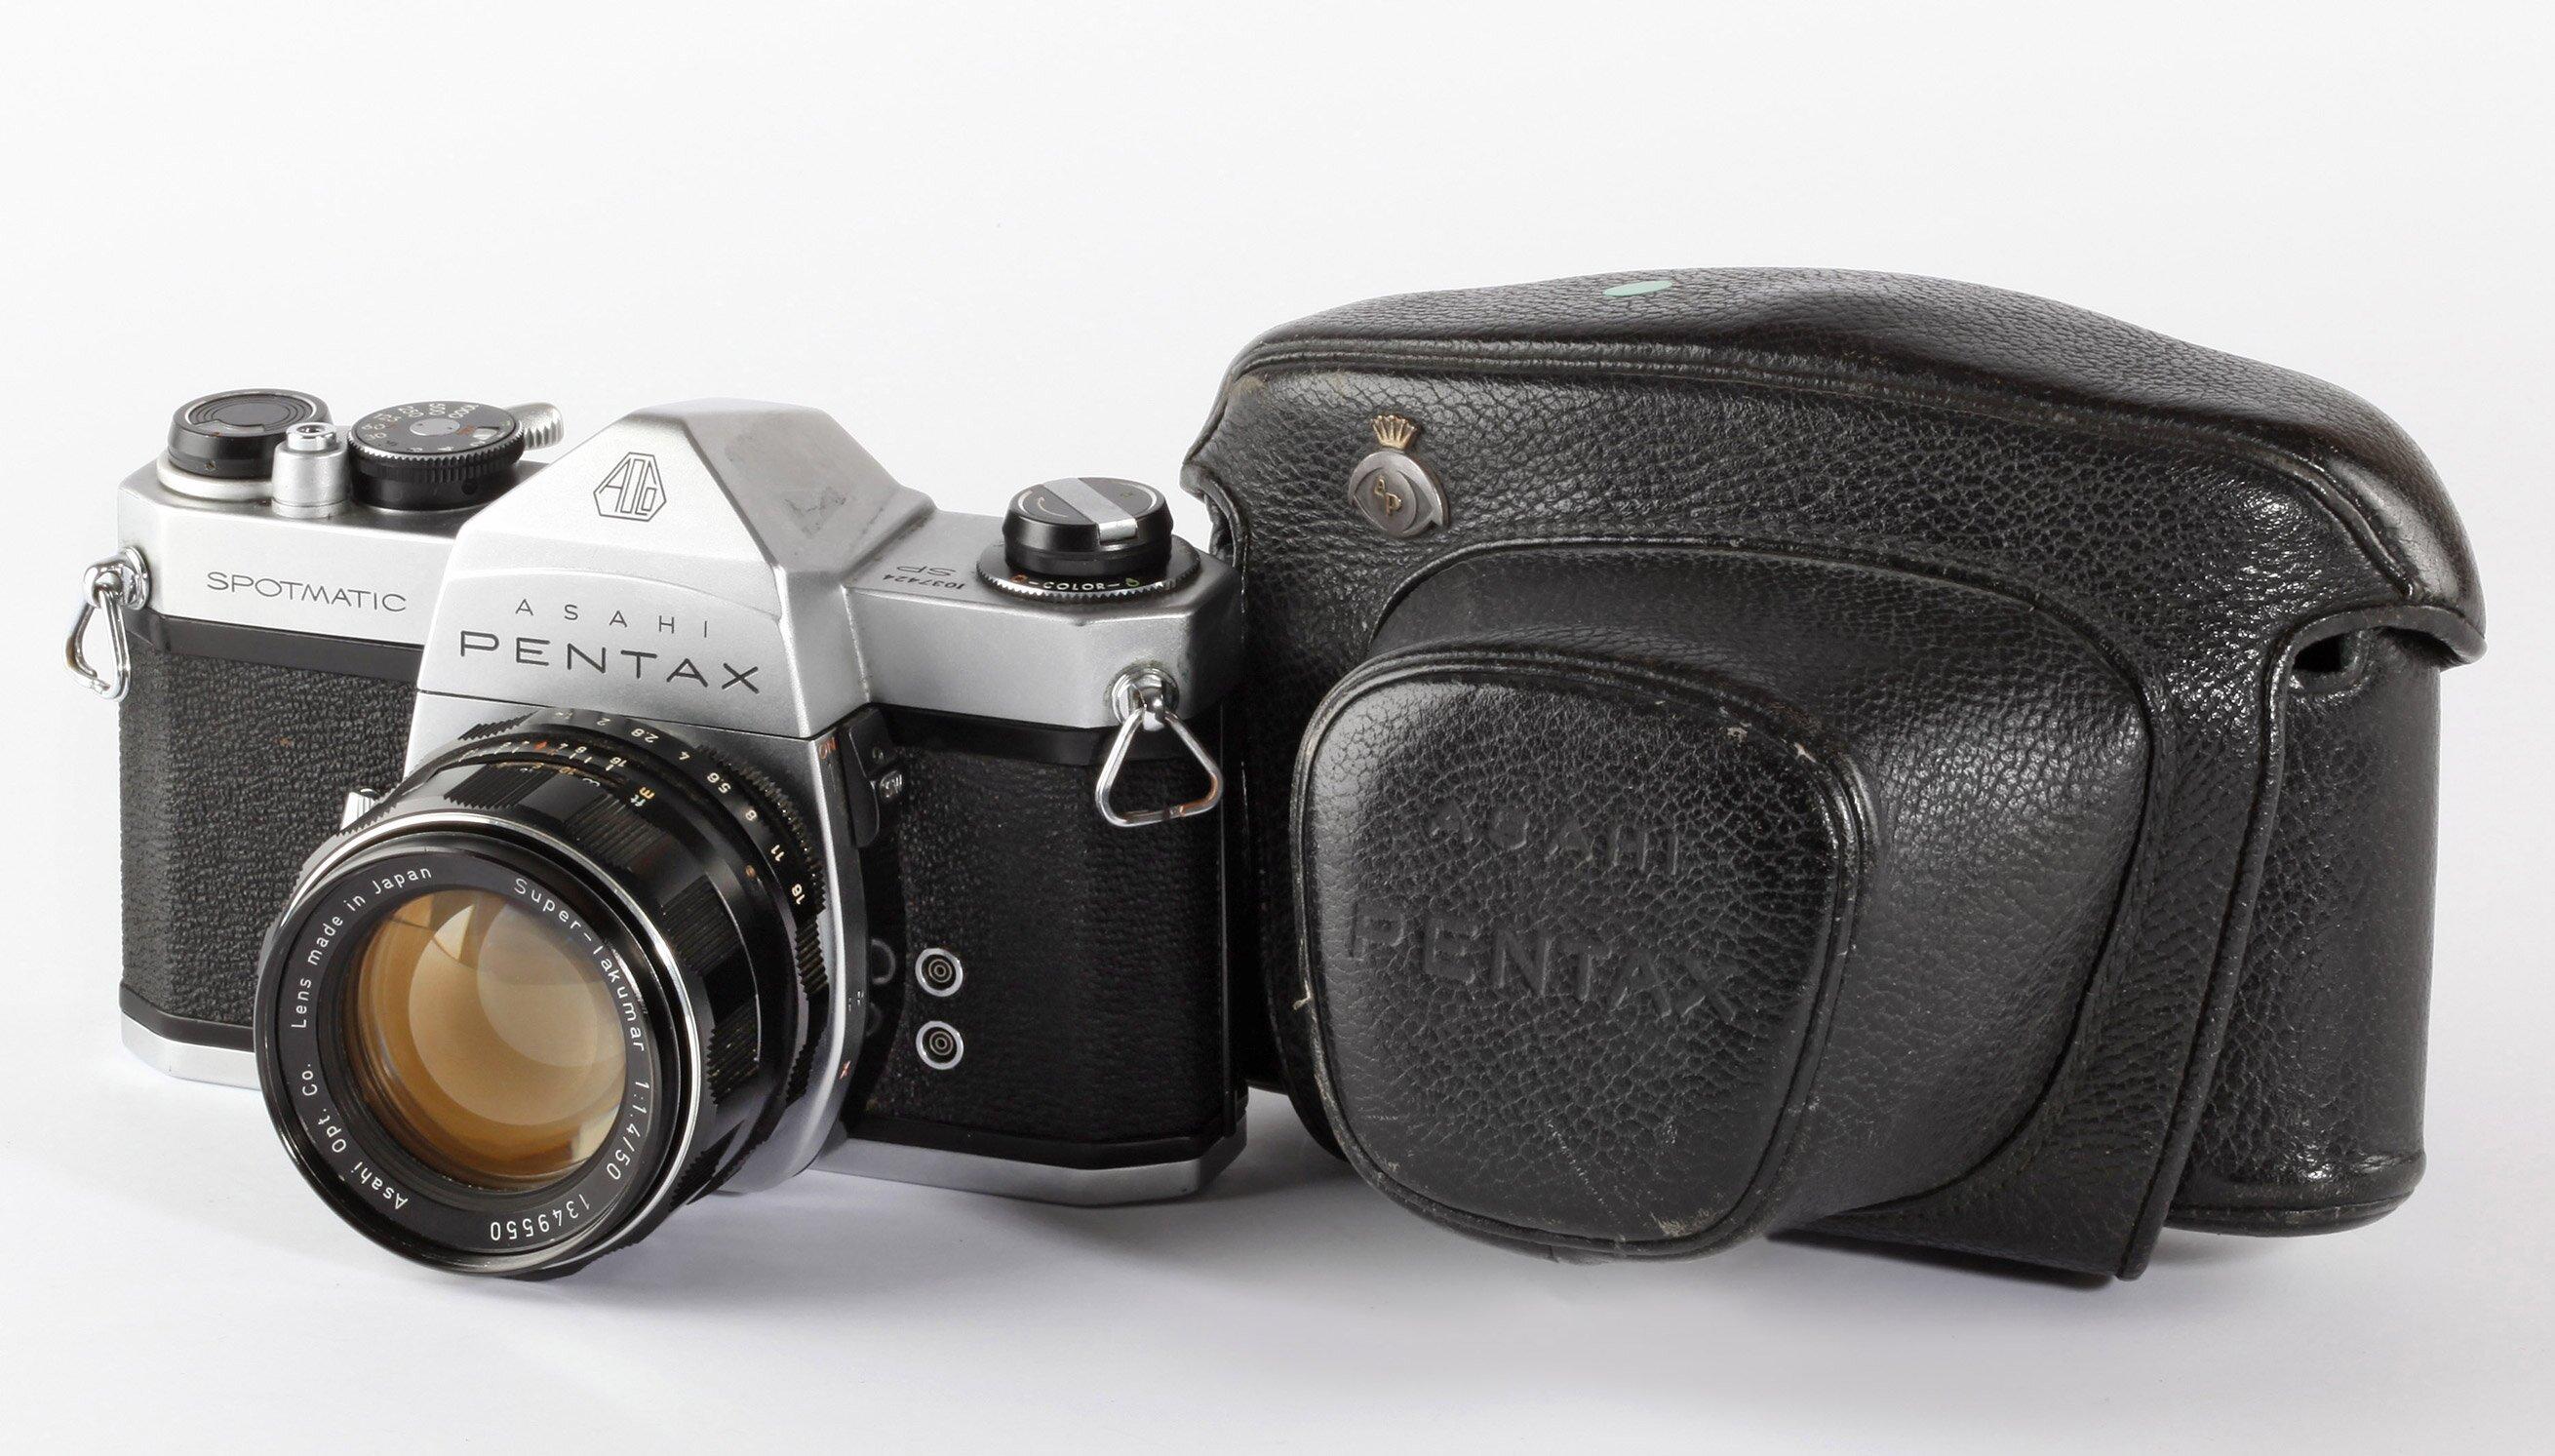 Pentax Spotmatic + Super - Takumar 1,4/50mm M42